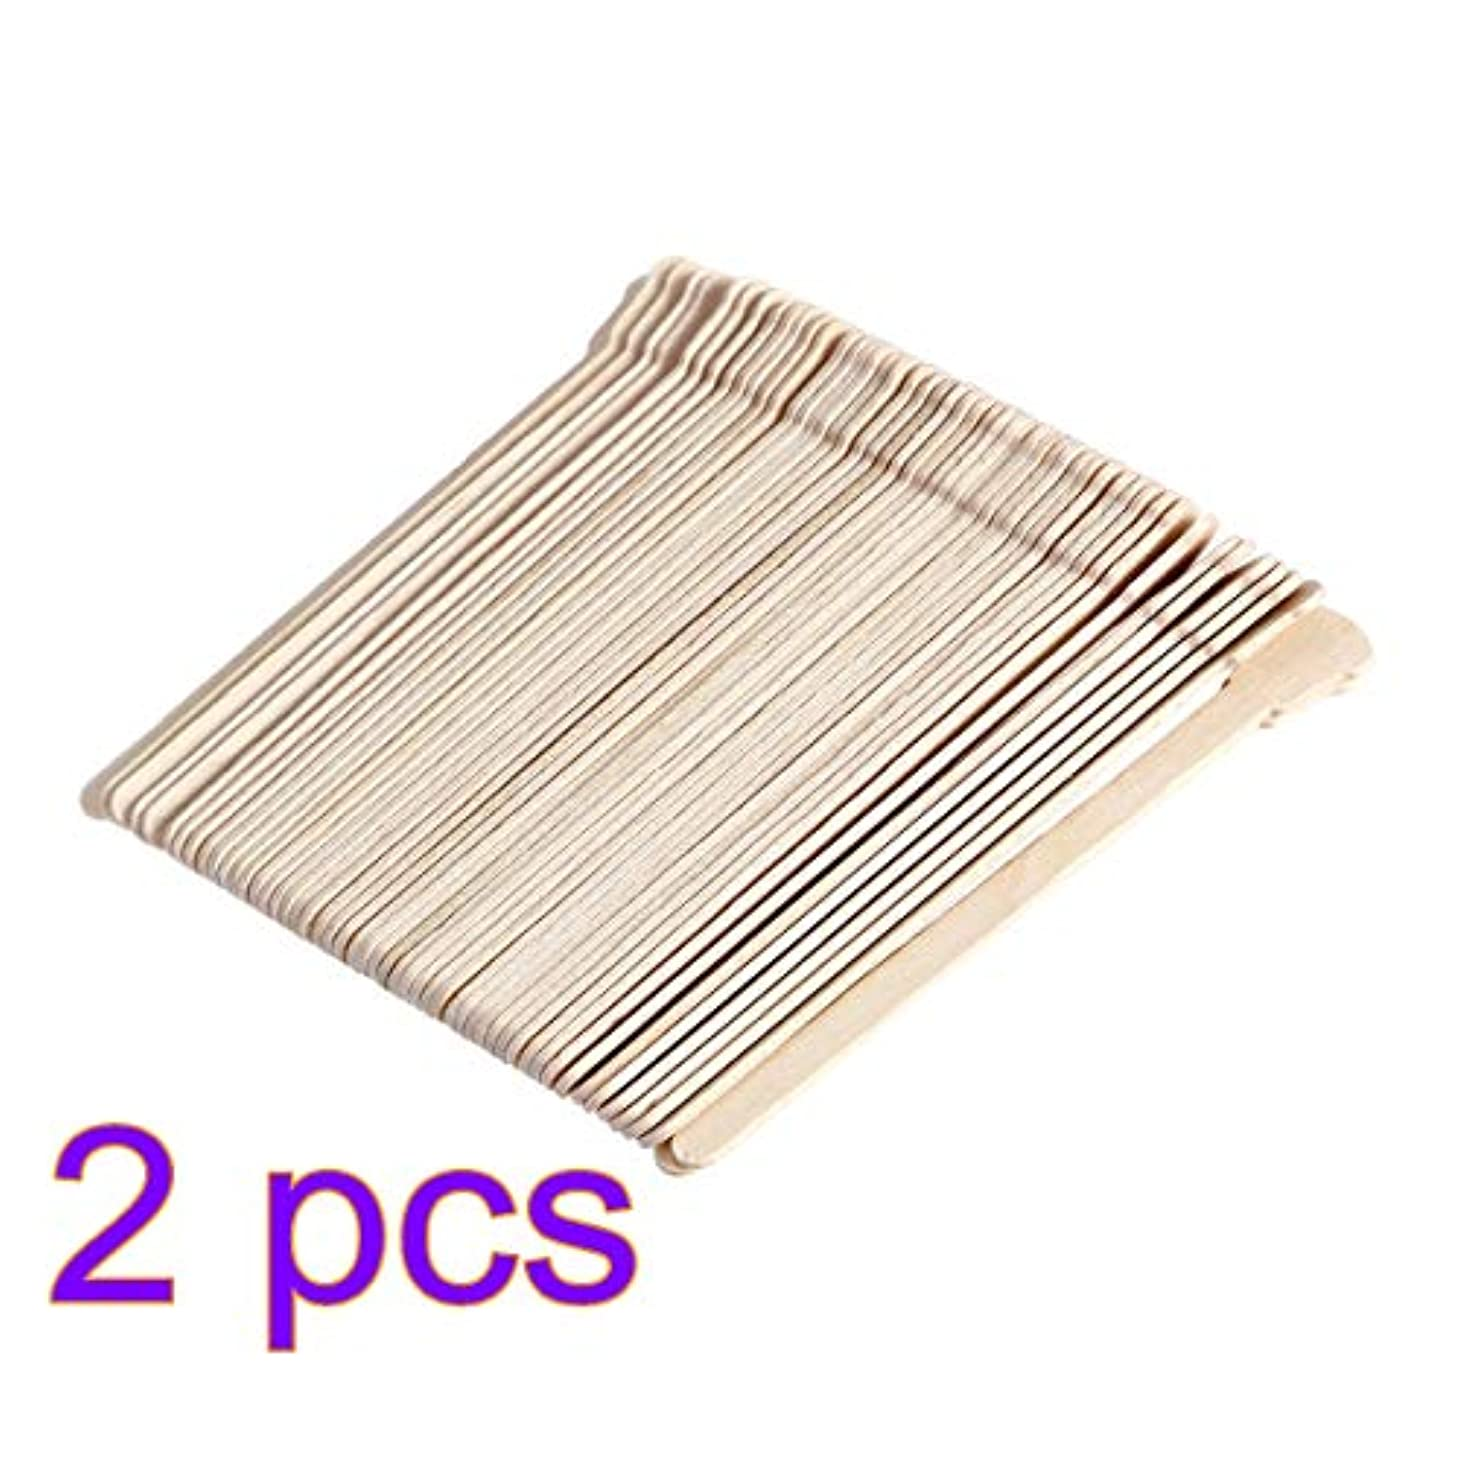 法律により始まり同時SUPVOX 100ピース木製ワックススティックフェイス眉毛ワックスへら脱毛(オリジナル木製色)